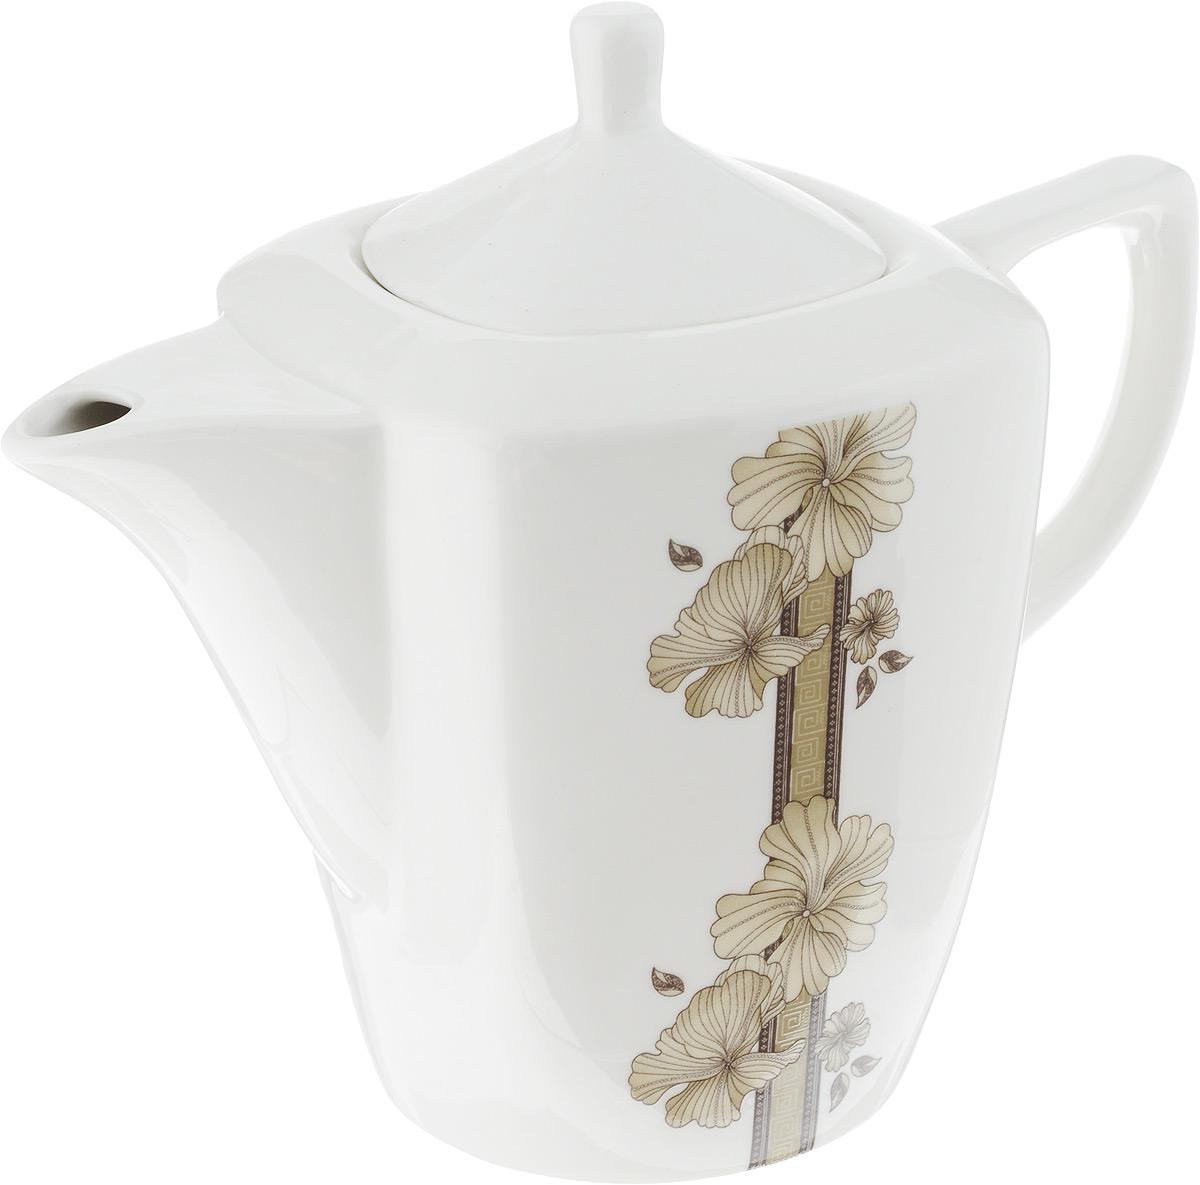 Чайник заварочный София, 1,1 л216710Заварочный чайник София изготовлен из высококачественного фарфора. Глазурованное покрытие обеспечивает легкую очистку. Изделие прекрасно подходит для заваривания вкусного и ароматного чая, а также травяных настоев. Оригинальный дизайн сделает чайник настоящим украшением стола. Он удобен в использовании и понравится каждому.Можно мыть в посудомоечной машине и использовать в микроволновой печи. Диаметр чайника (по верхнему краю): 7 см. Высота чайника (без учета крышки): 14 см. Высота чайника (с учетом крышки): 19 см.